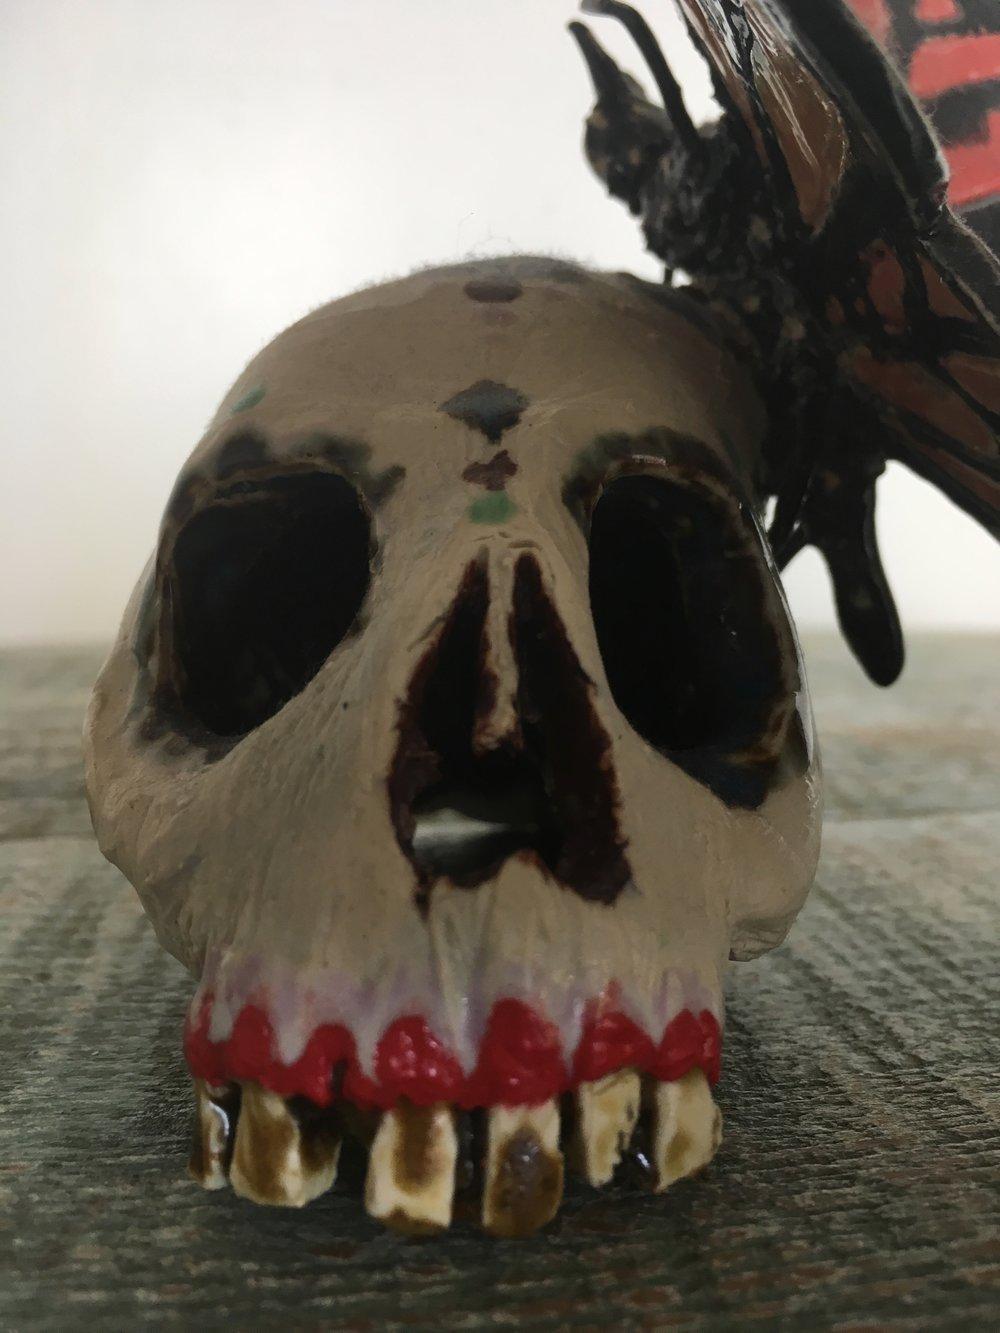 cerretani sugar skull butterfly 2.jpg